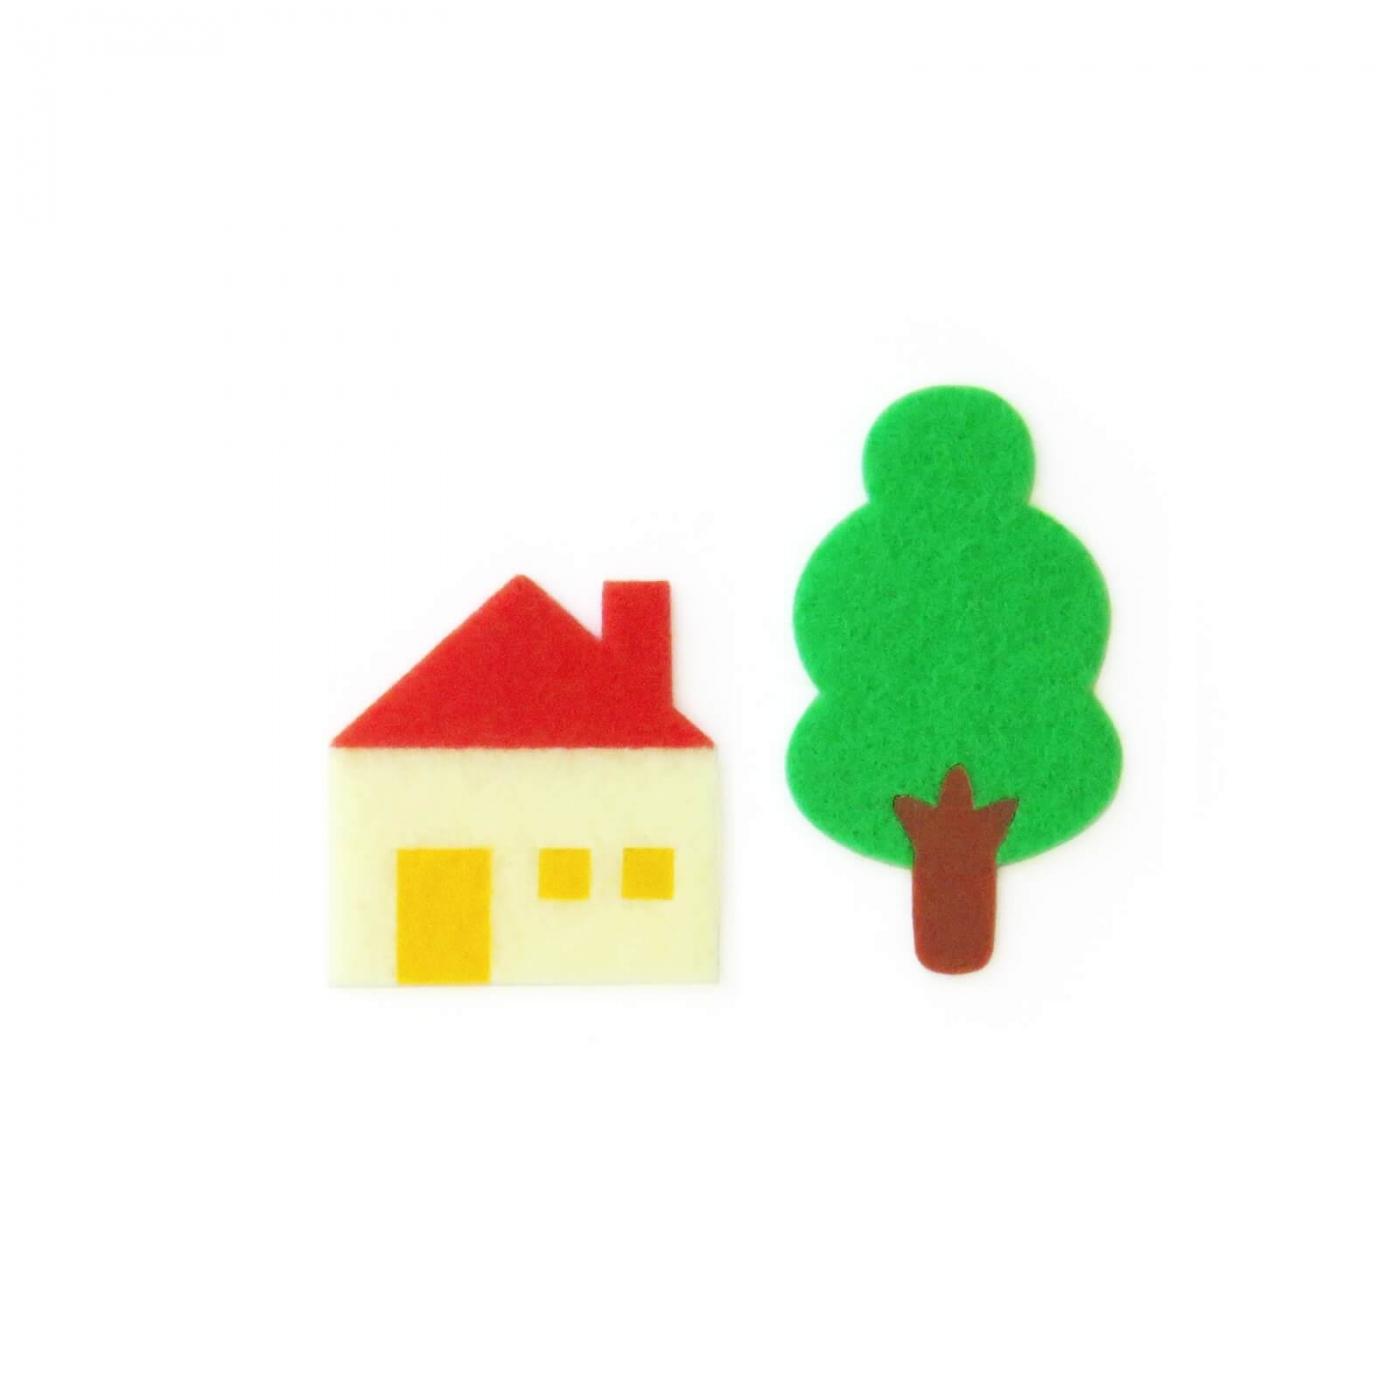 おしゃれなフェルトの木と家のアップリケ(ワッペン)